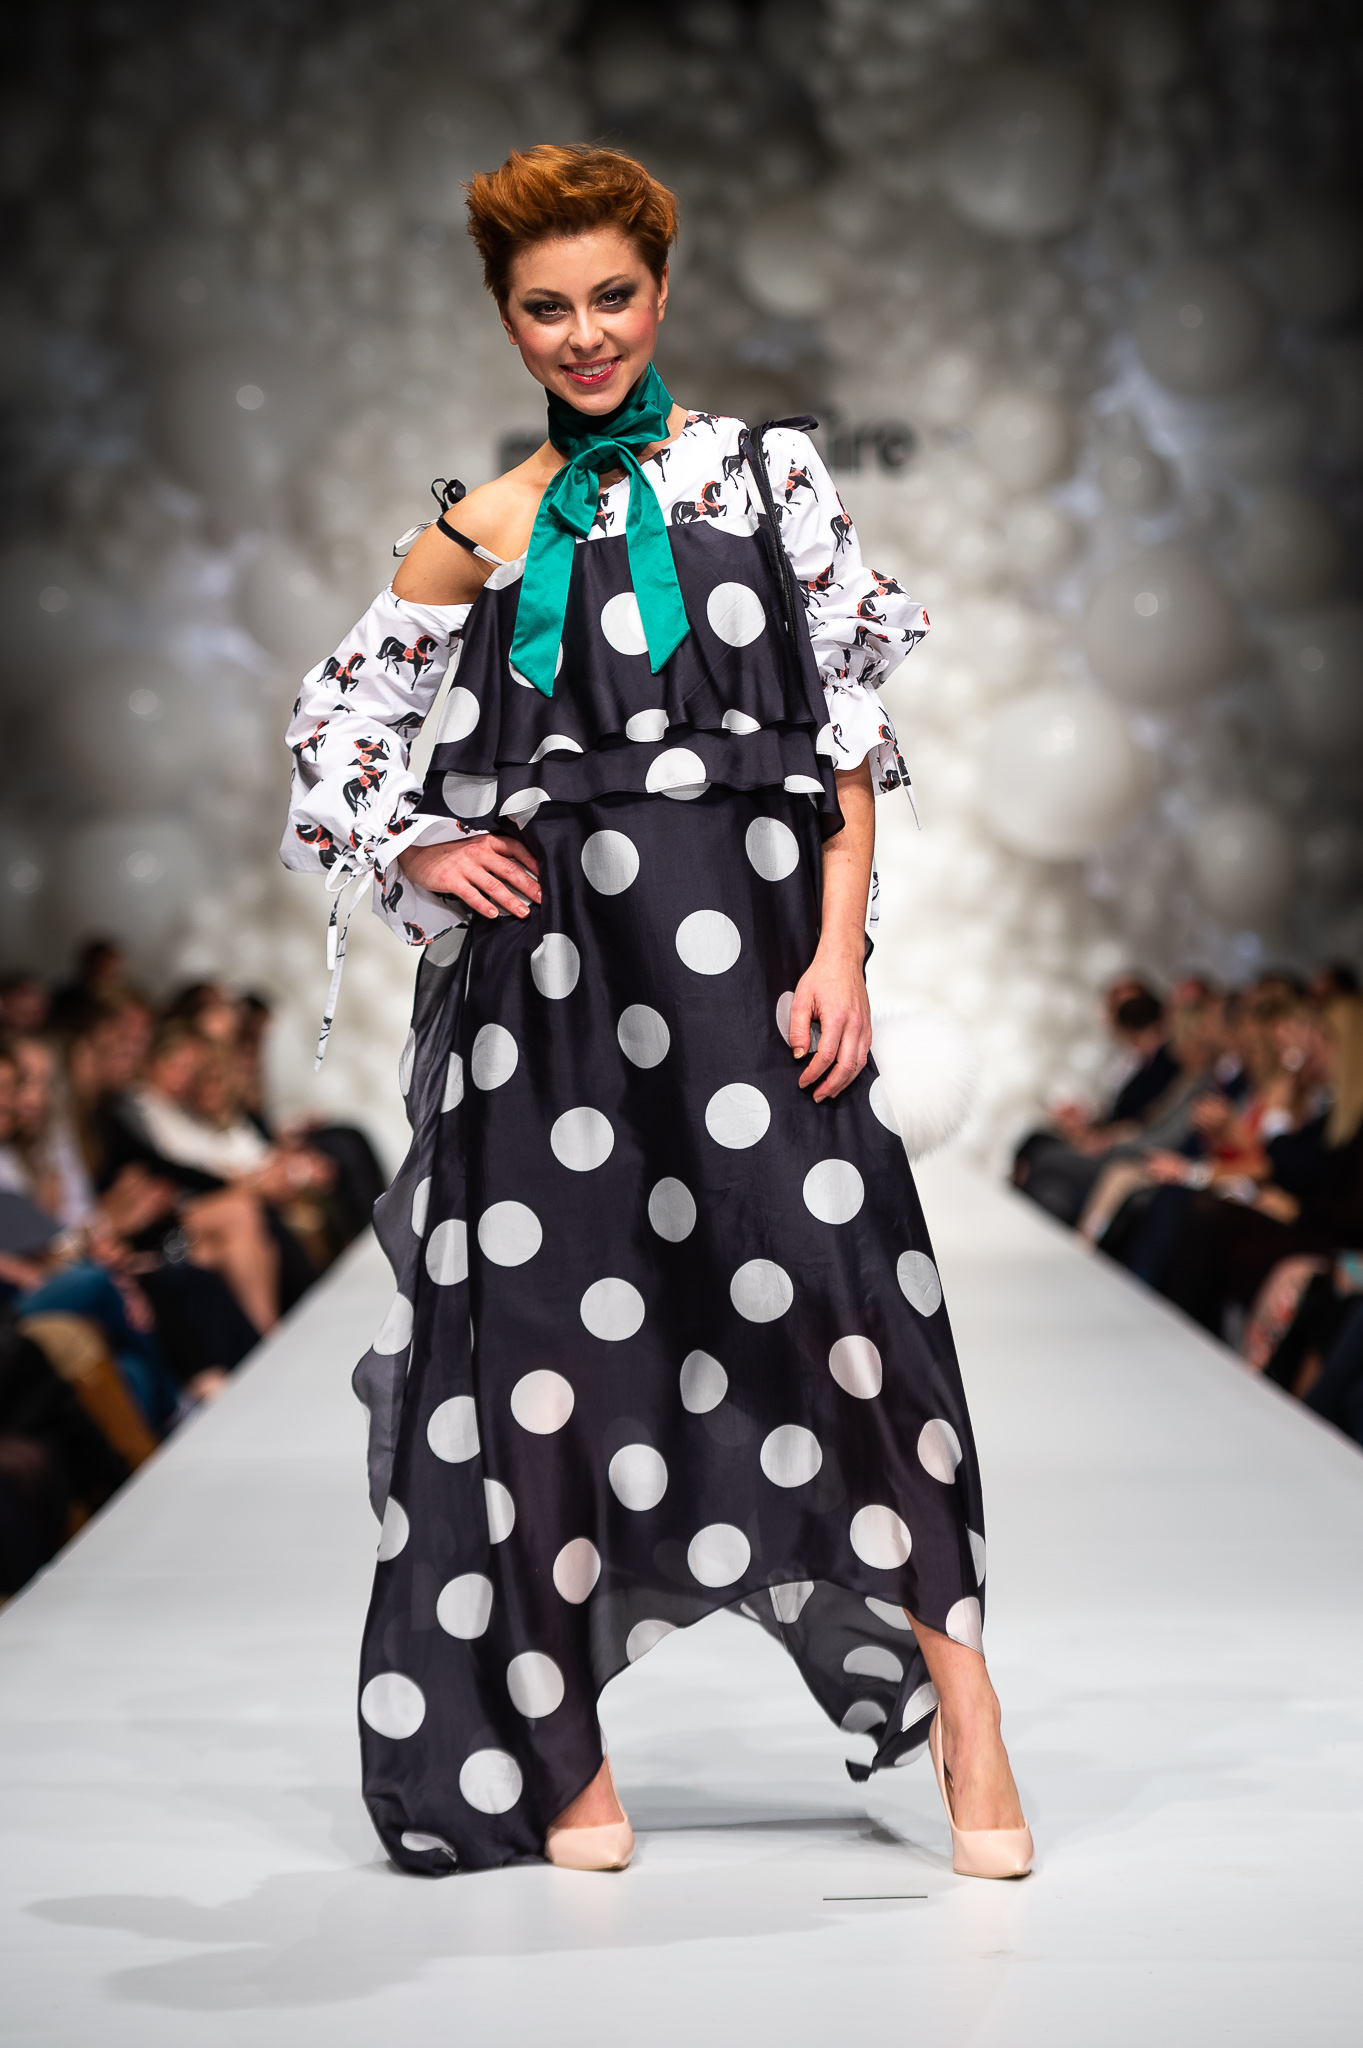 4. kép: Döbrösi Laure Cukovy-ruhában